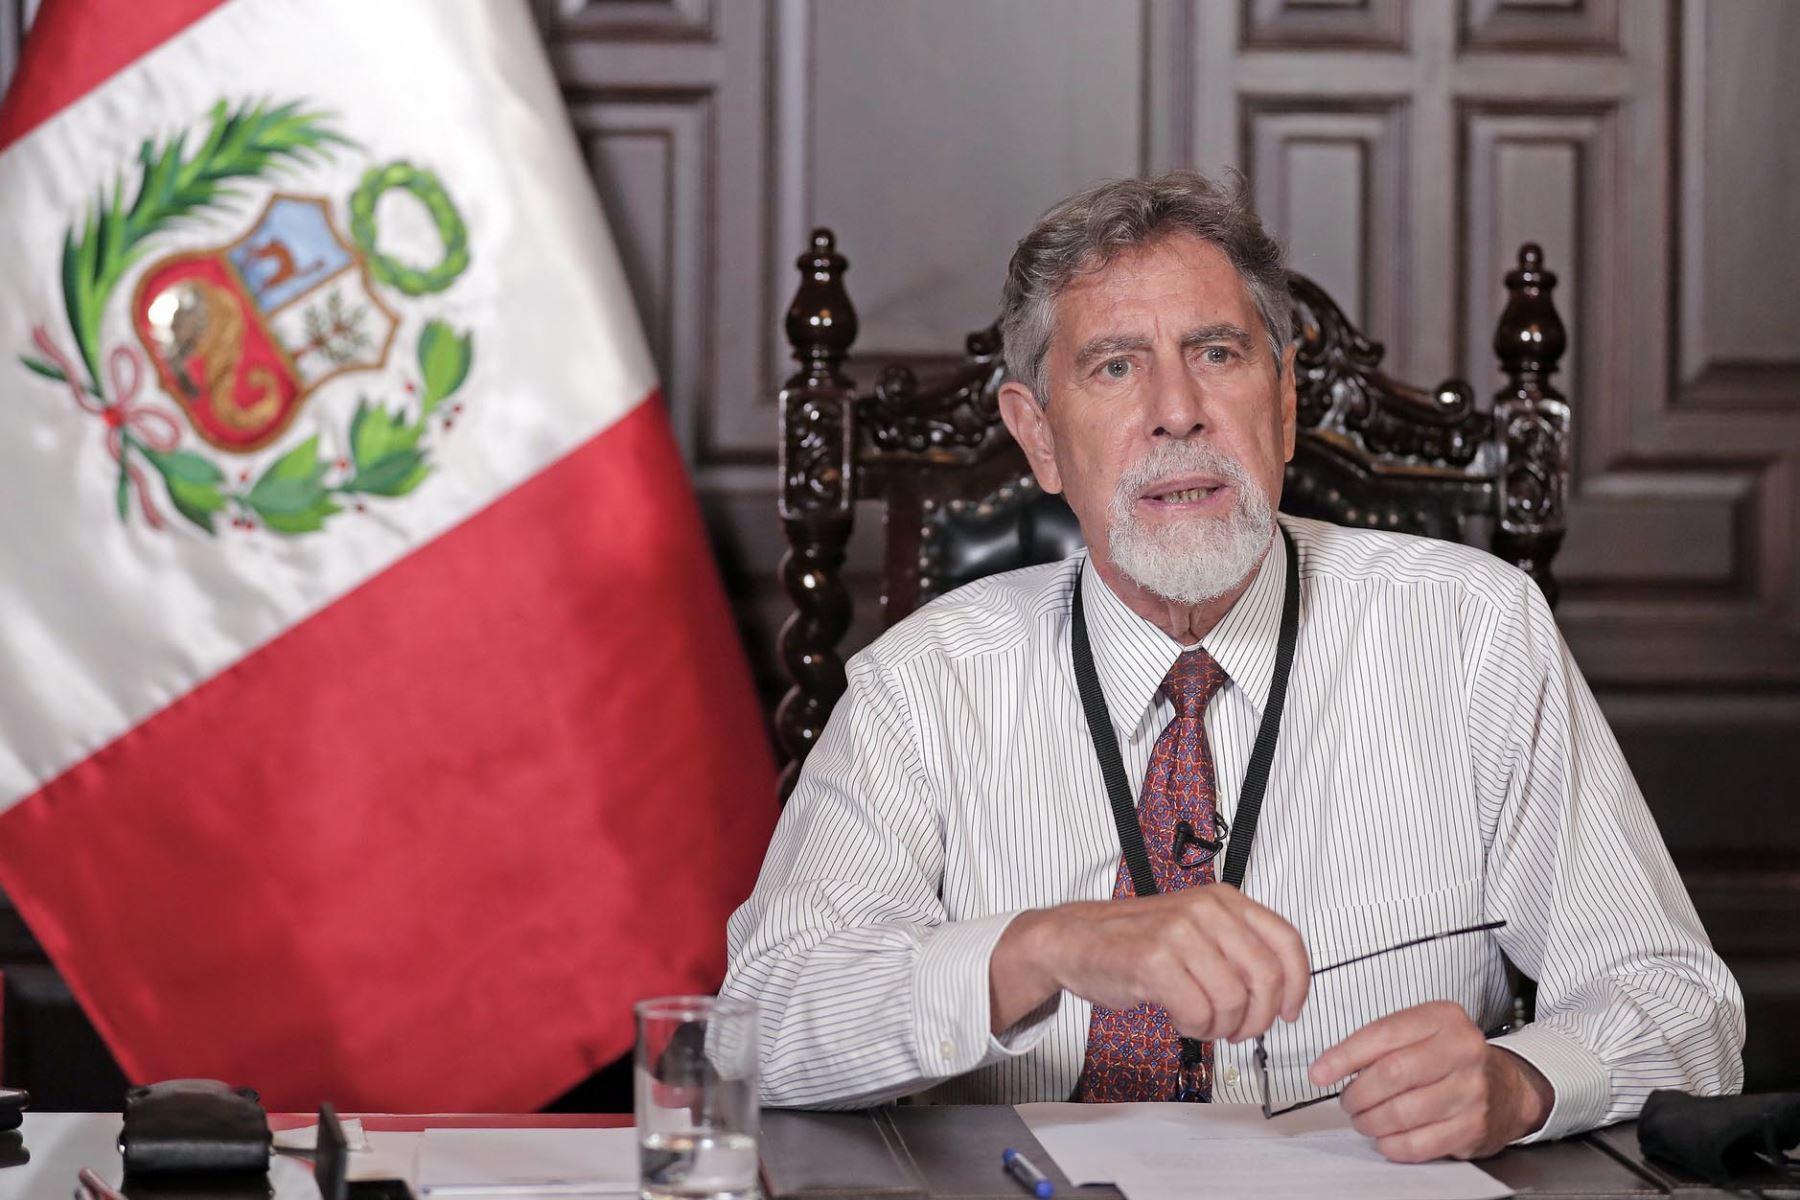 El presidente de la República, Francisco Sagasti, ofrece mensaje a la Nación. Foto: ANDINA/Prensa Presidencia